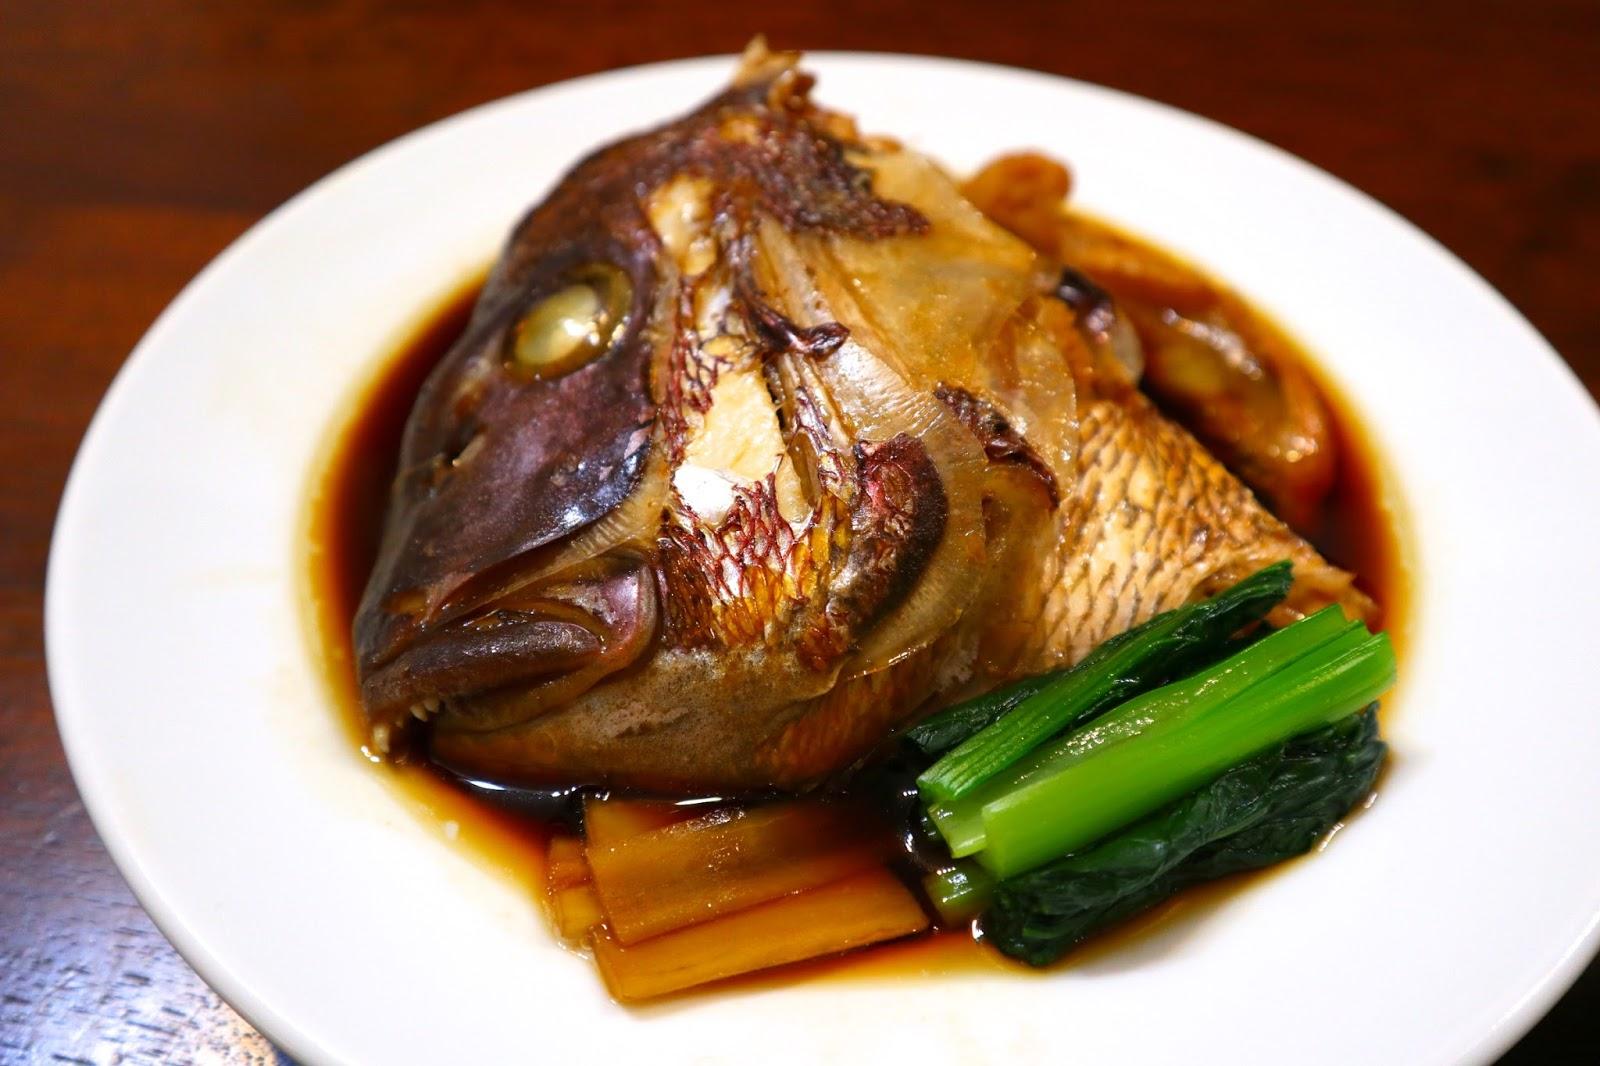 鯛 の あら レシピ 「鯛あら」を活用した人気レシピ集!あらの簡単下処理も紹介!